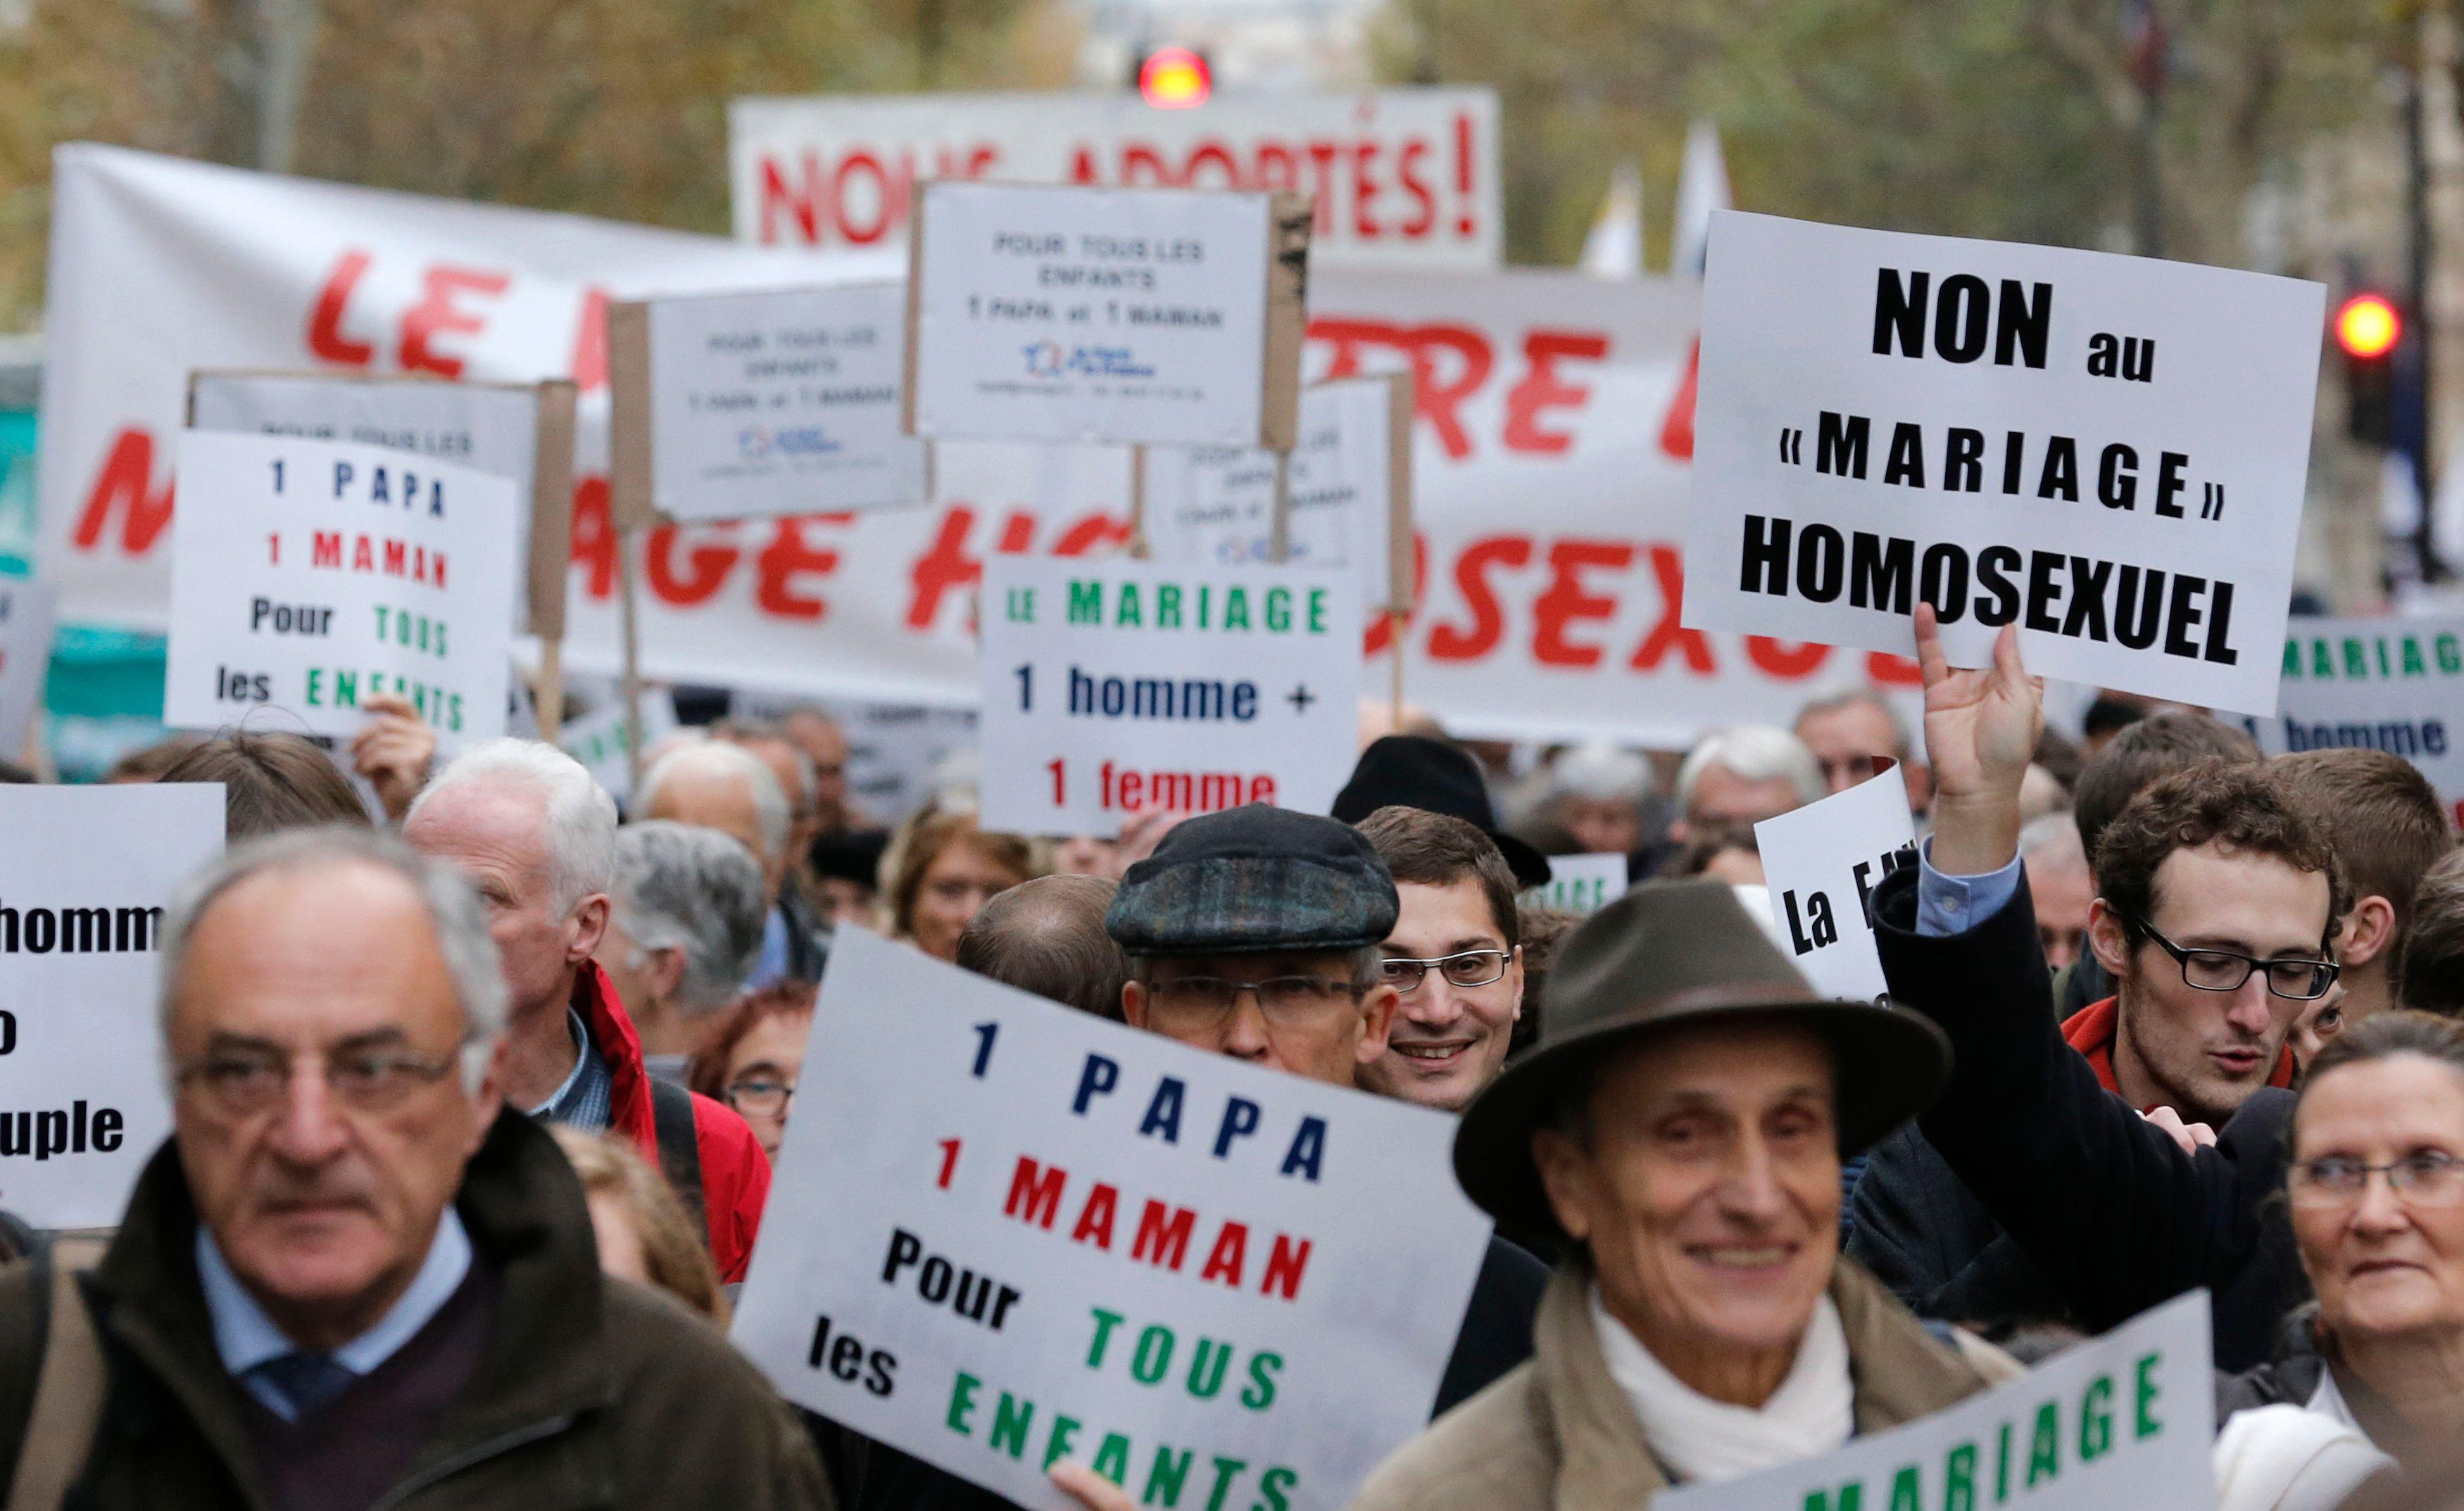 La manifestation contre le mariage homosexuel a lieu ce dimanche